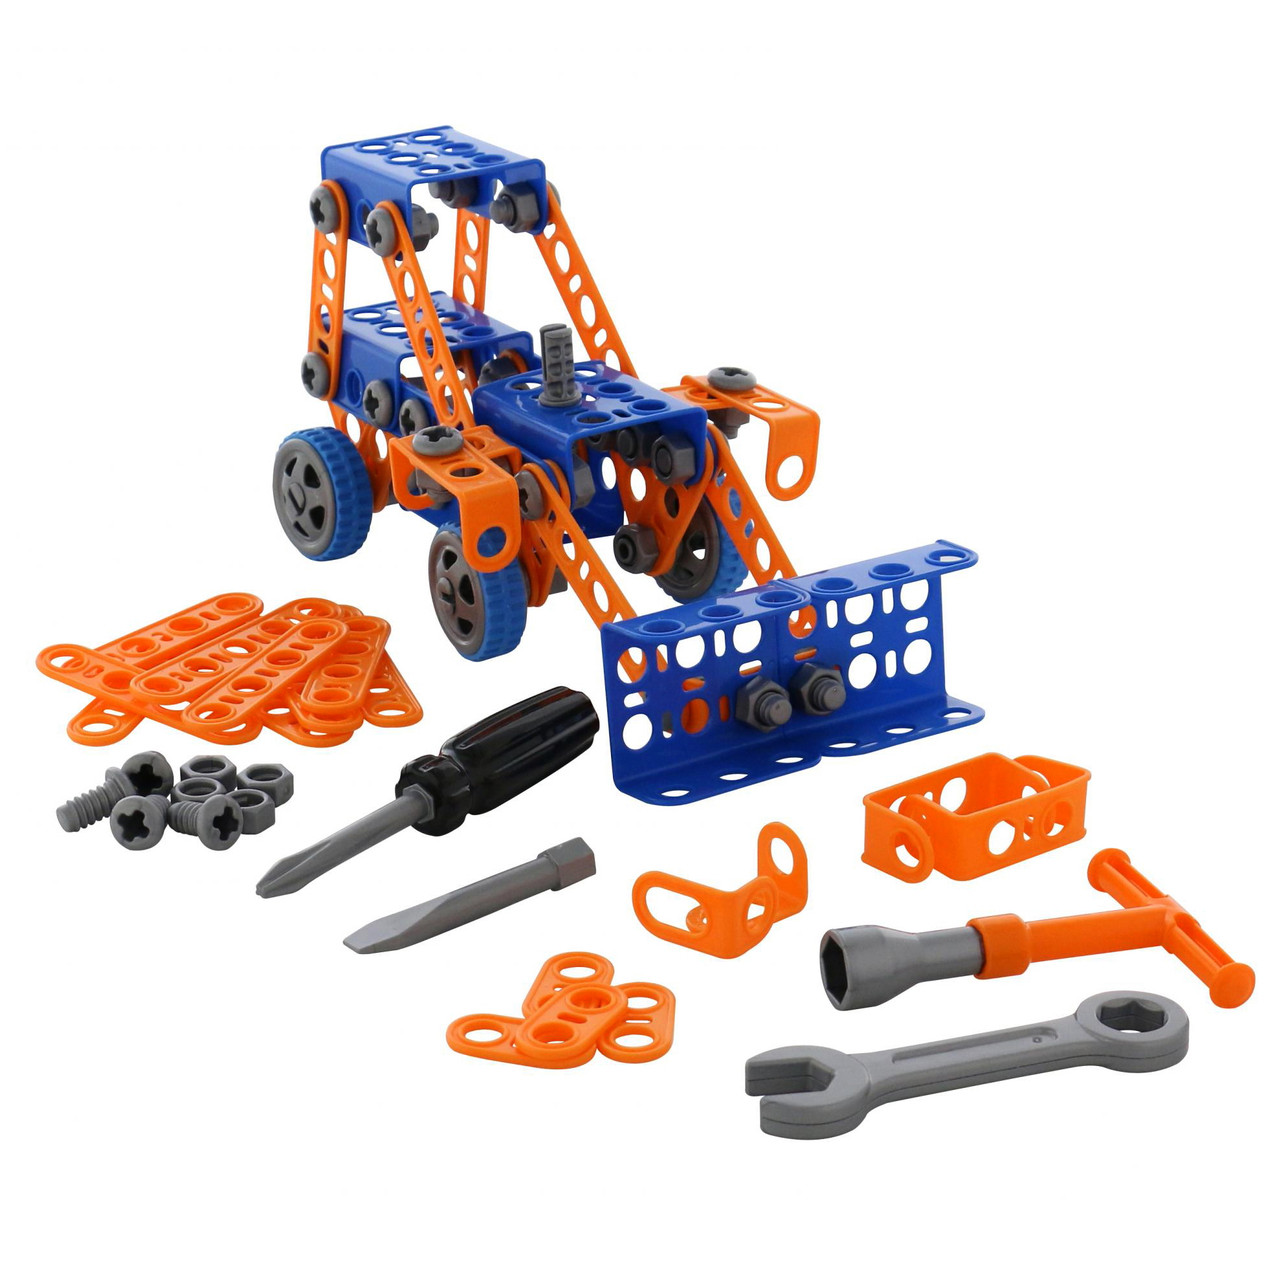 Конструктор Изобретатель Трактор-погрузчик № 1, 141 элемент, «Полесье» (55064)